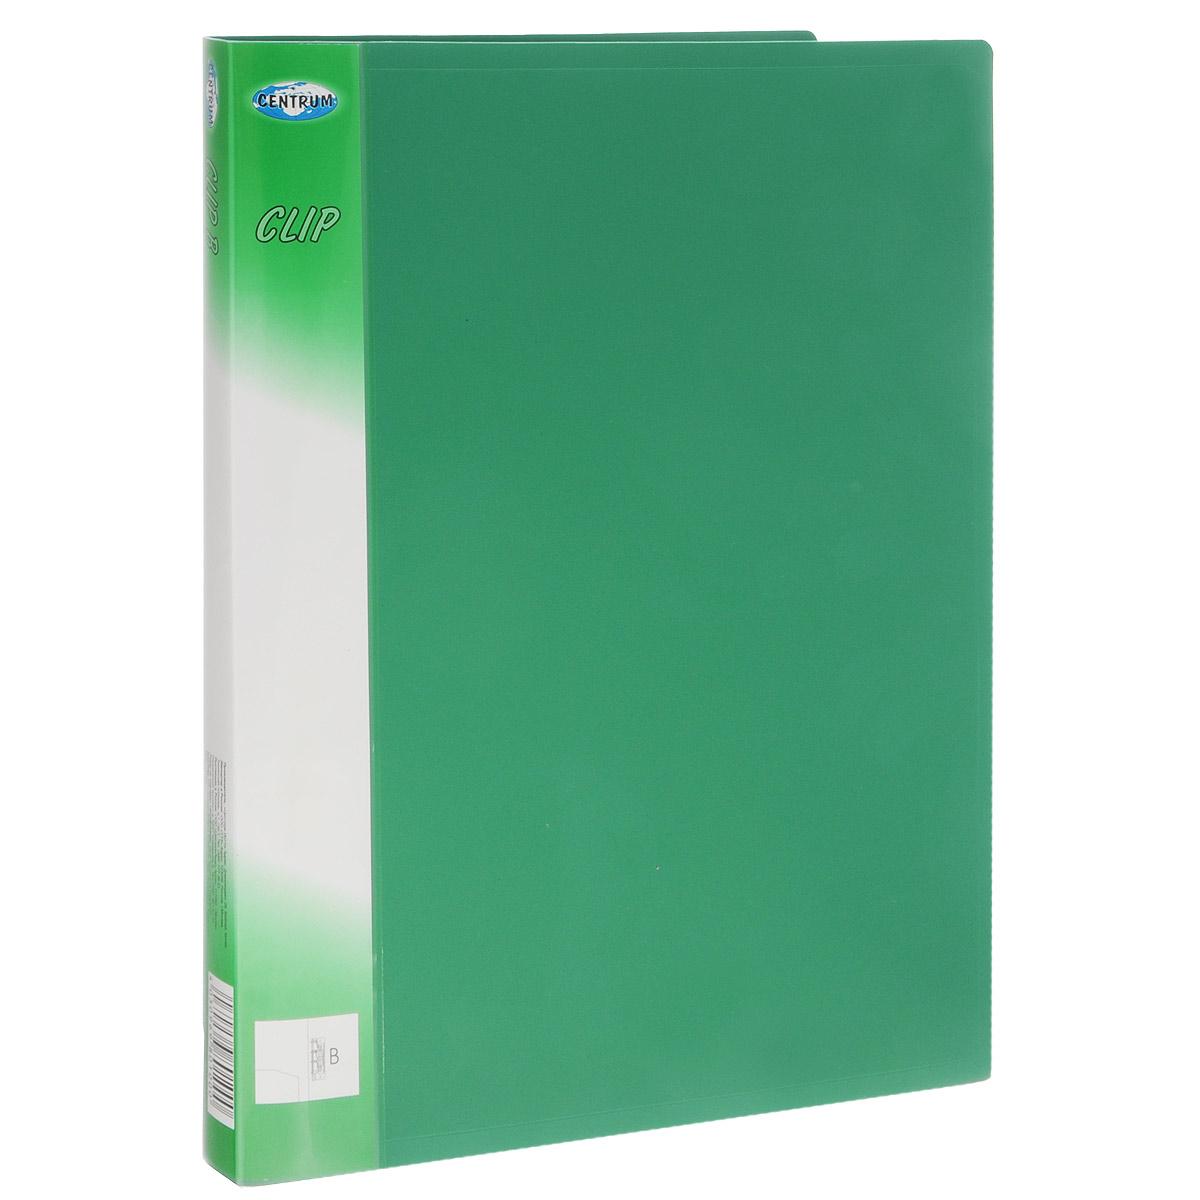 Centrum Папка Clip с боковым зажимом цвет зеленыйFS-36052Папка с боковым зажимом Centrum Clip - это удобный и практичный офисный инструмент, предназначенный для хранения и транспортировки рабочих бумаг и документов формата А4.Папка изготовлена из высококачественного плотного полипропилена и оснащена металлическим зажимом и внутренним кармашком.Папка с боковым зажимом - это незаменимый атрибут для студента, школьника, офисного работника. Такая папка надежно сохранит ваши документы и сбережет их от повреждений, пыли и влаги.